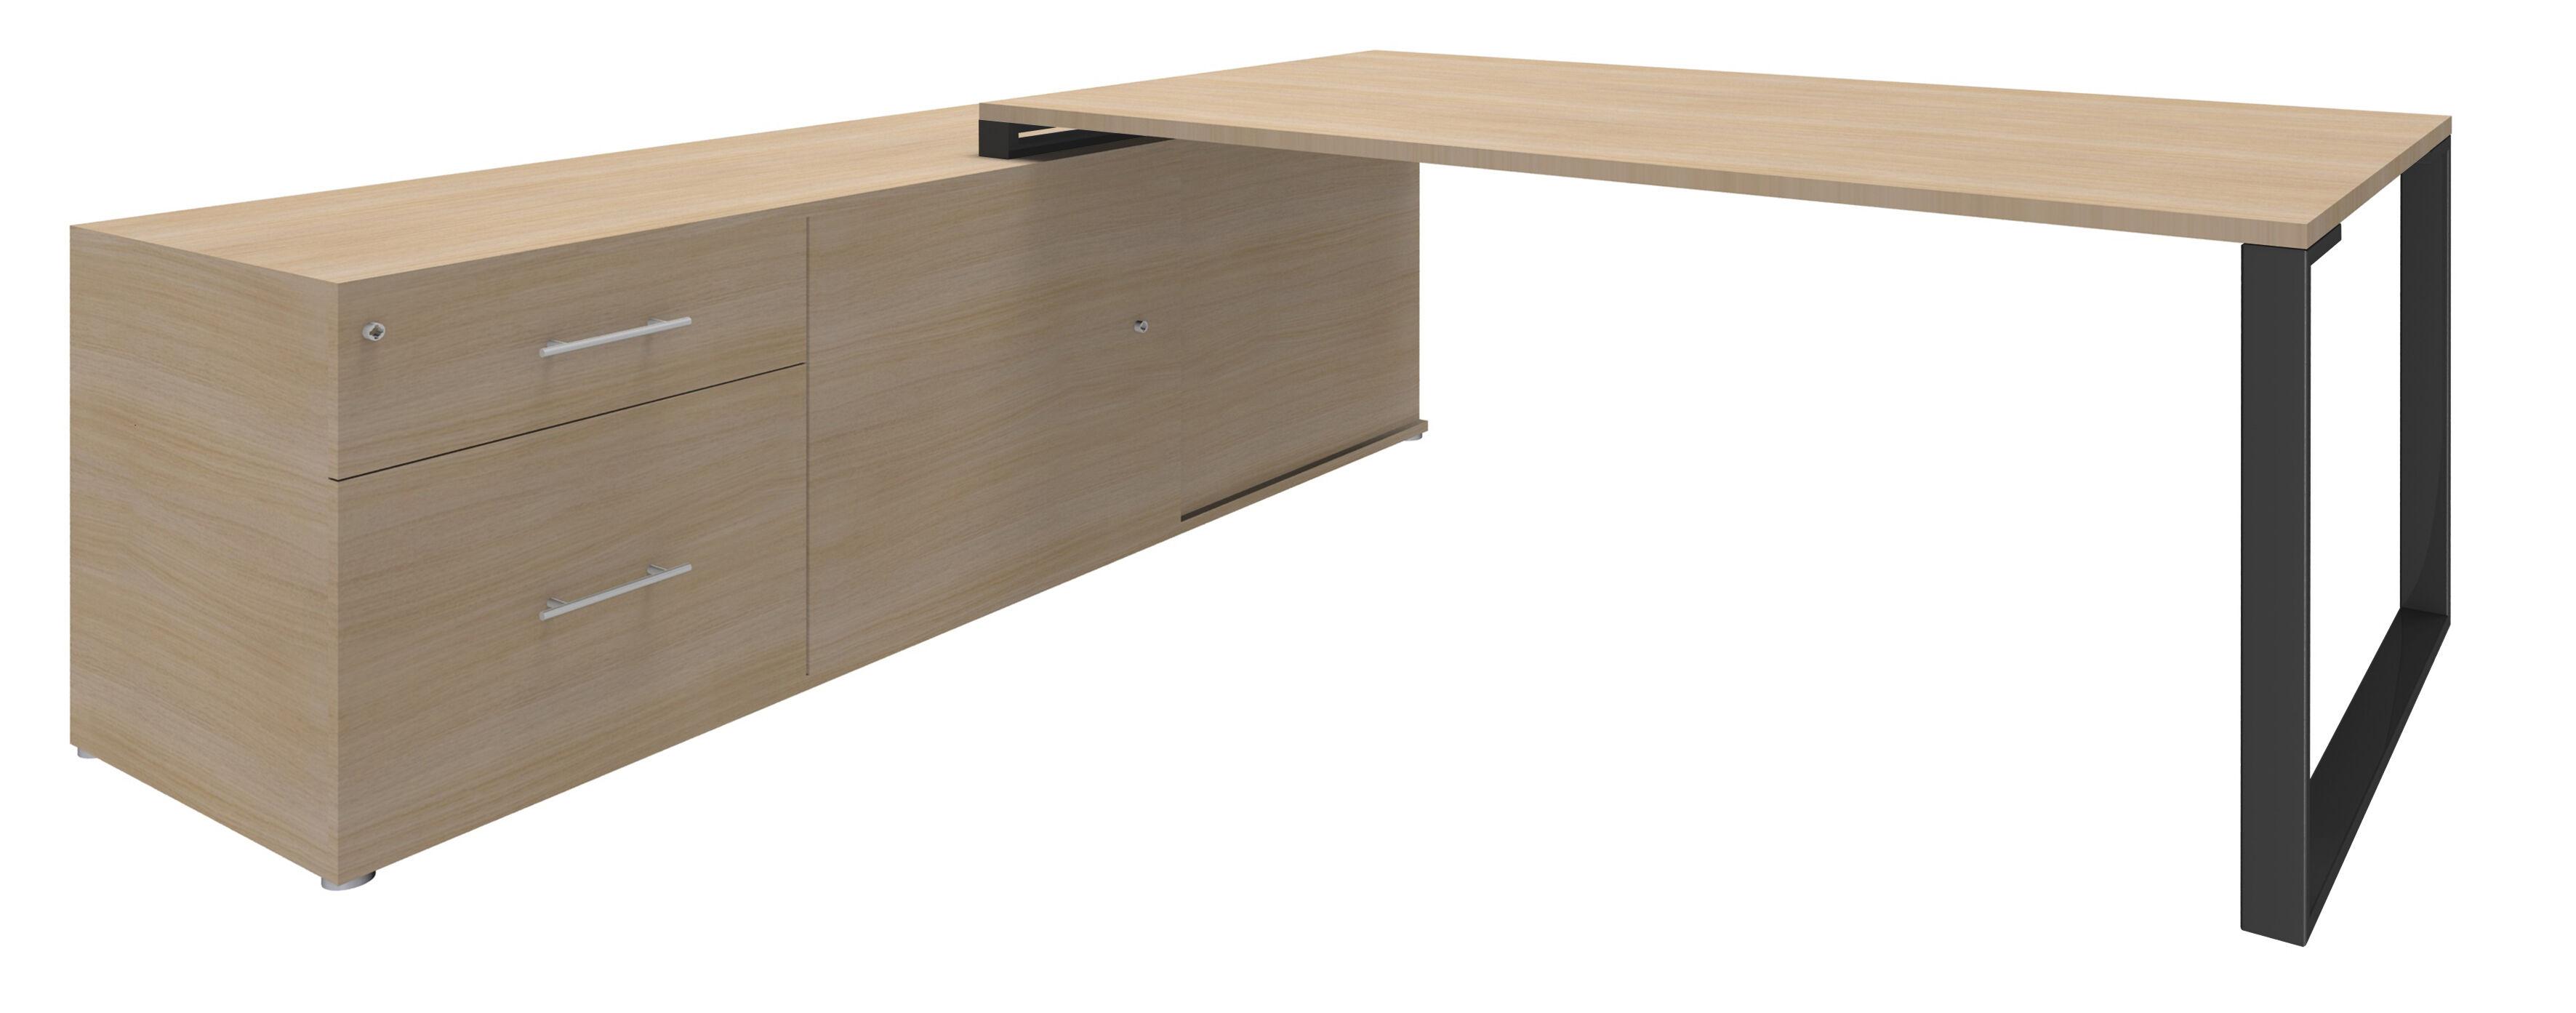 Bureau URBAN Manager - L180 x P100 x H72,5 cm - console retour à gauche (tiroirs) L200 x P60 x H72,5 cm - pieds carbone - plateau imitation chêne clair